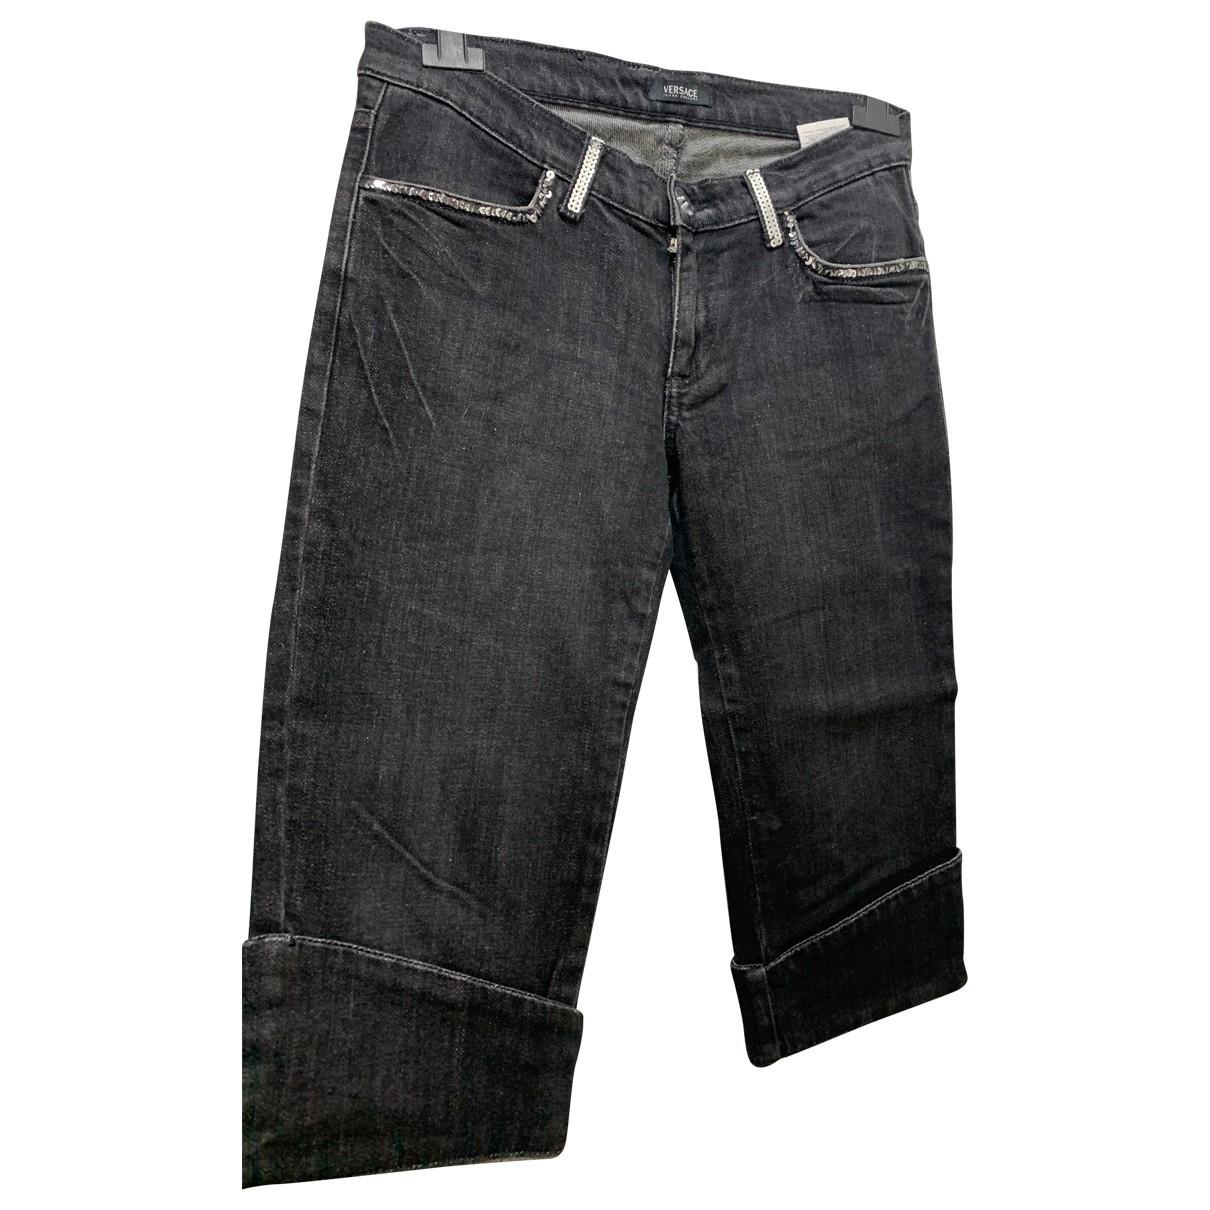 Bermudas en Algodon Negro Versace Jeans